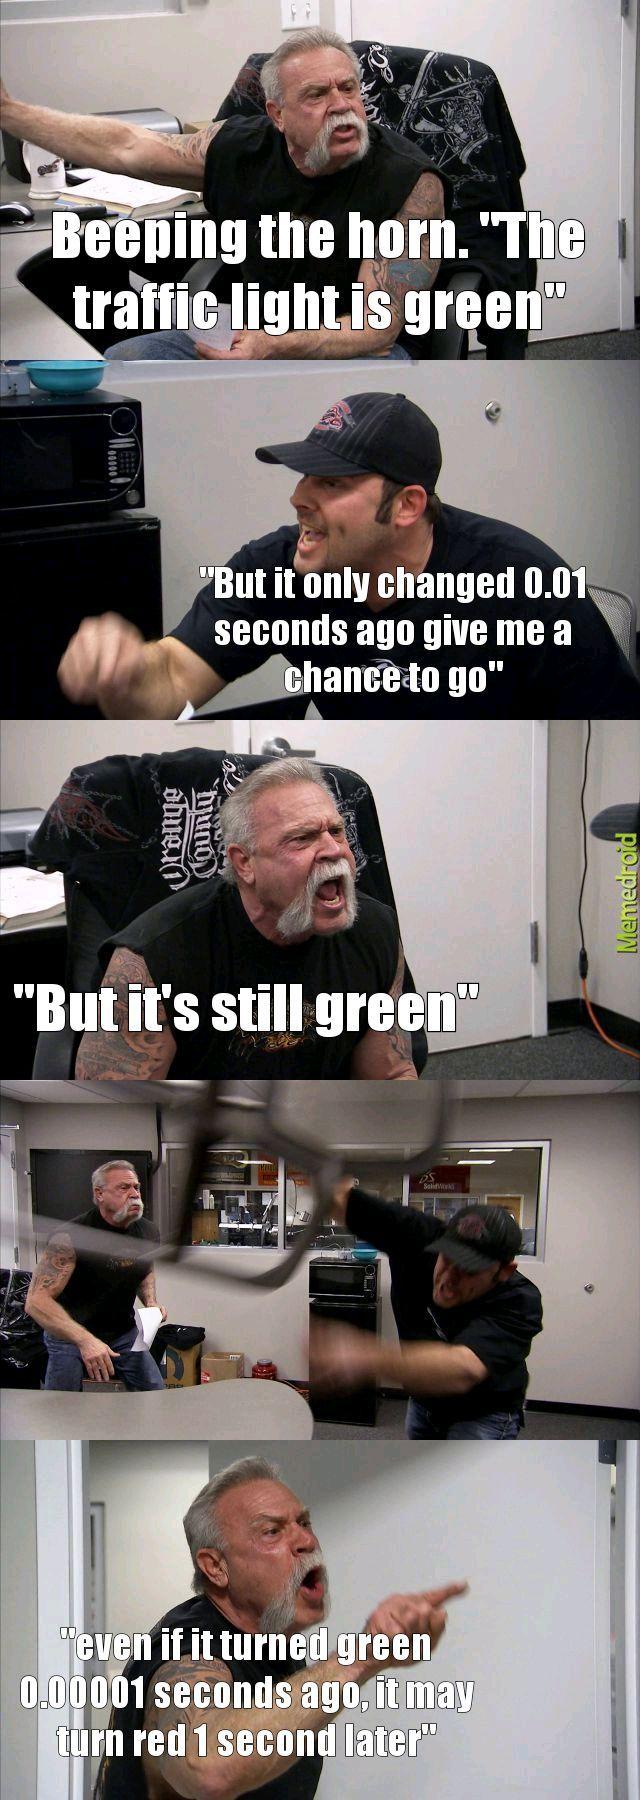 Traffic lights - meme